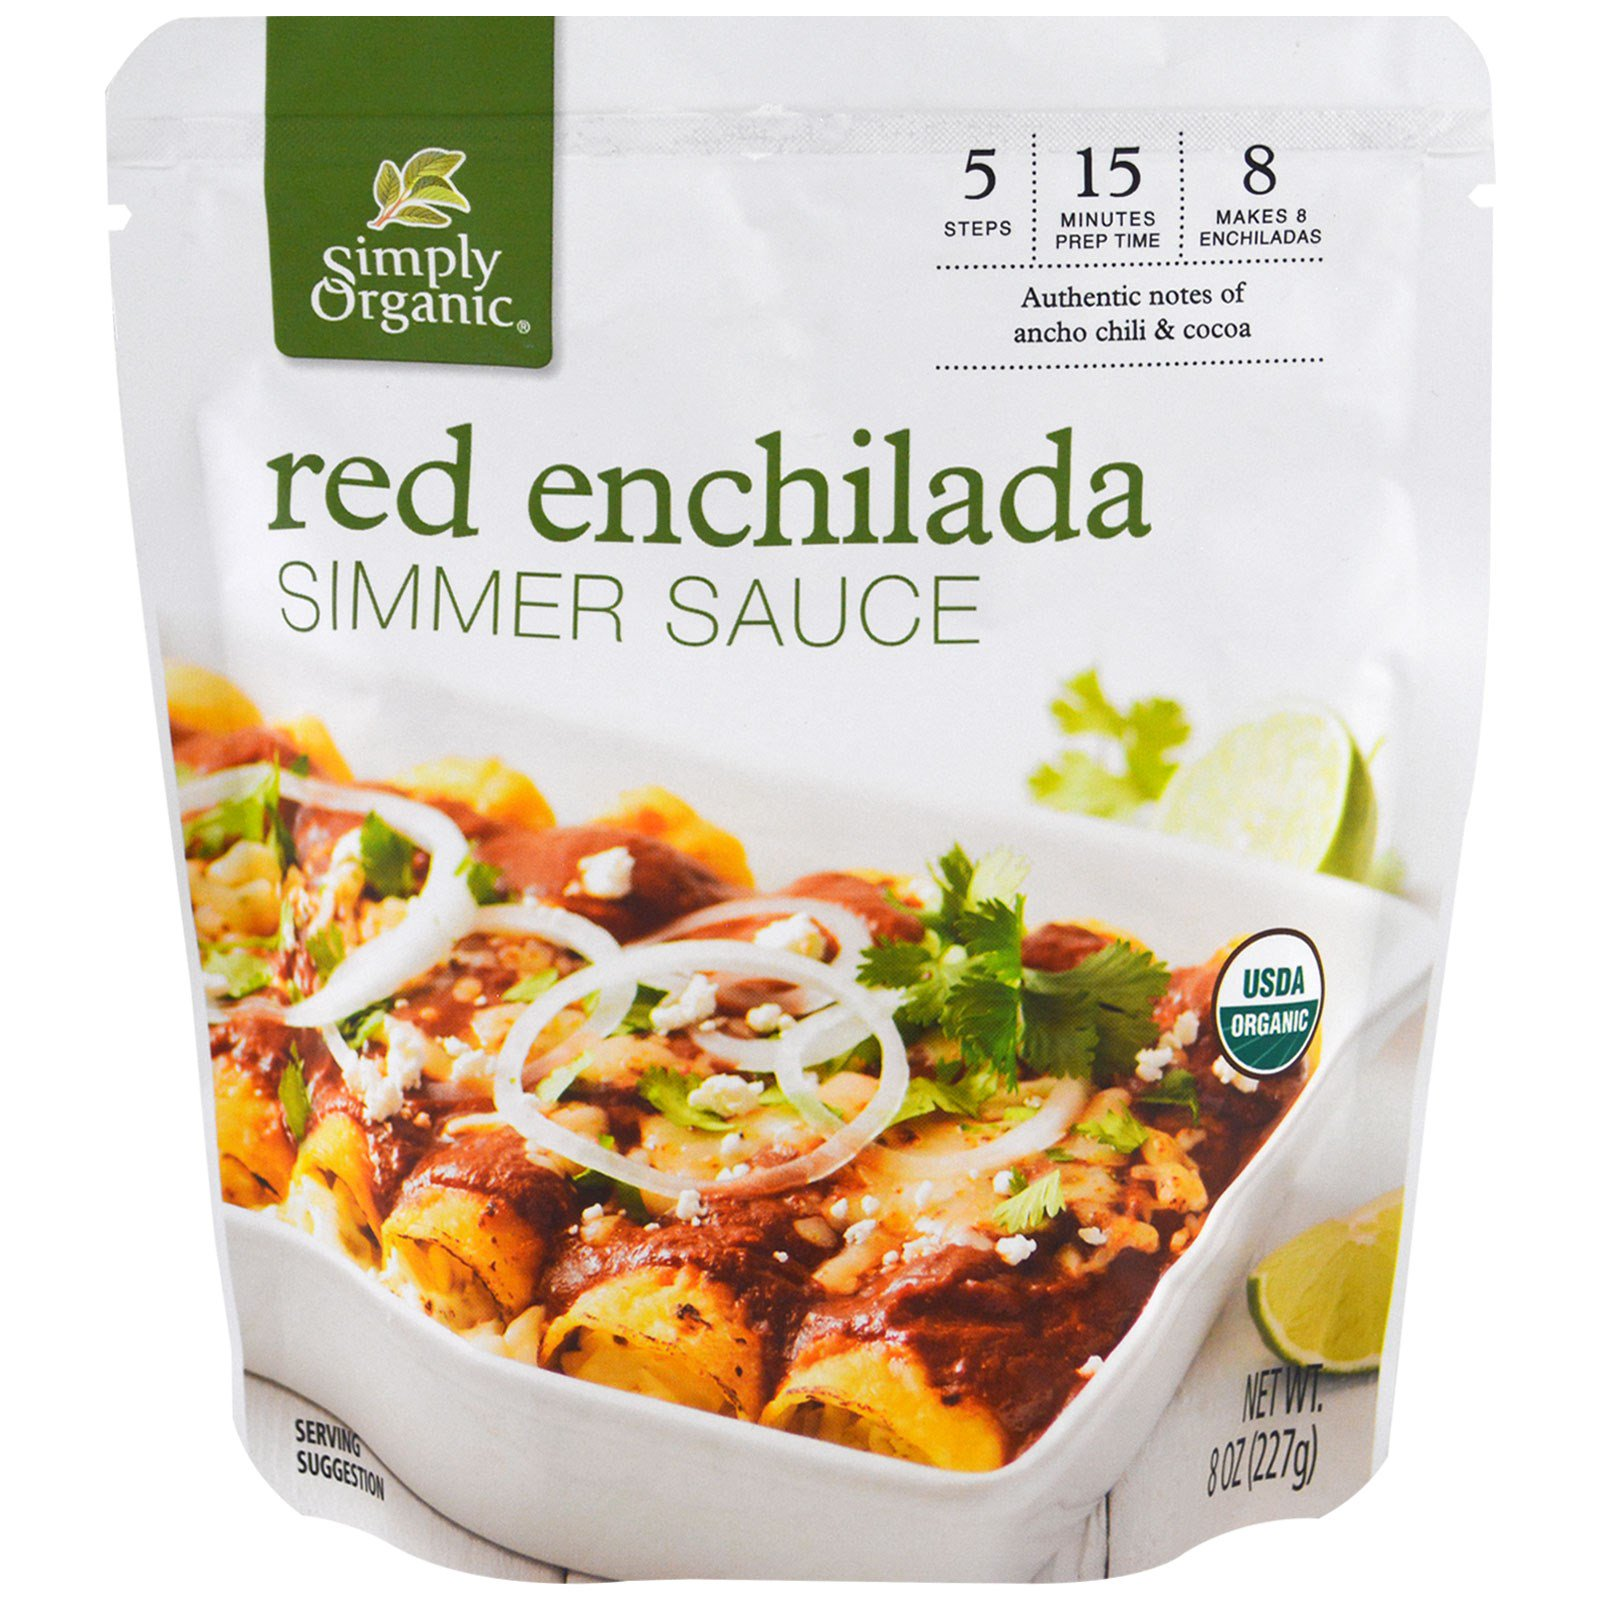 Simply Organic, Органический соус для варки на медленном огне, красная энчилада, 8 унций (227 г)